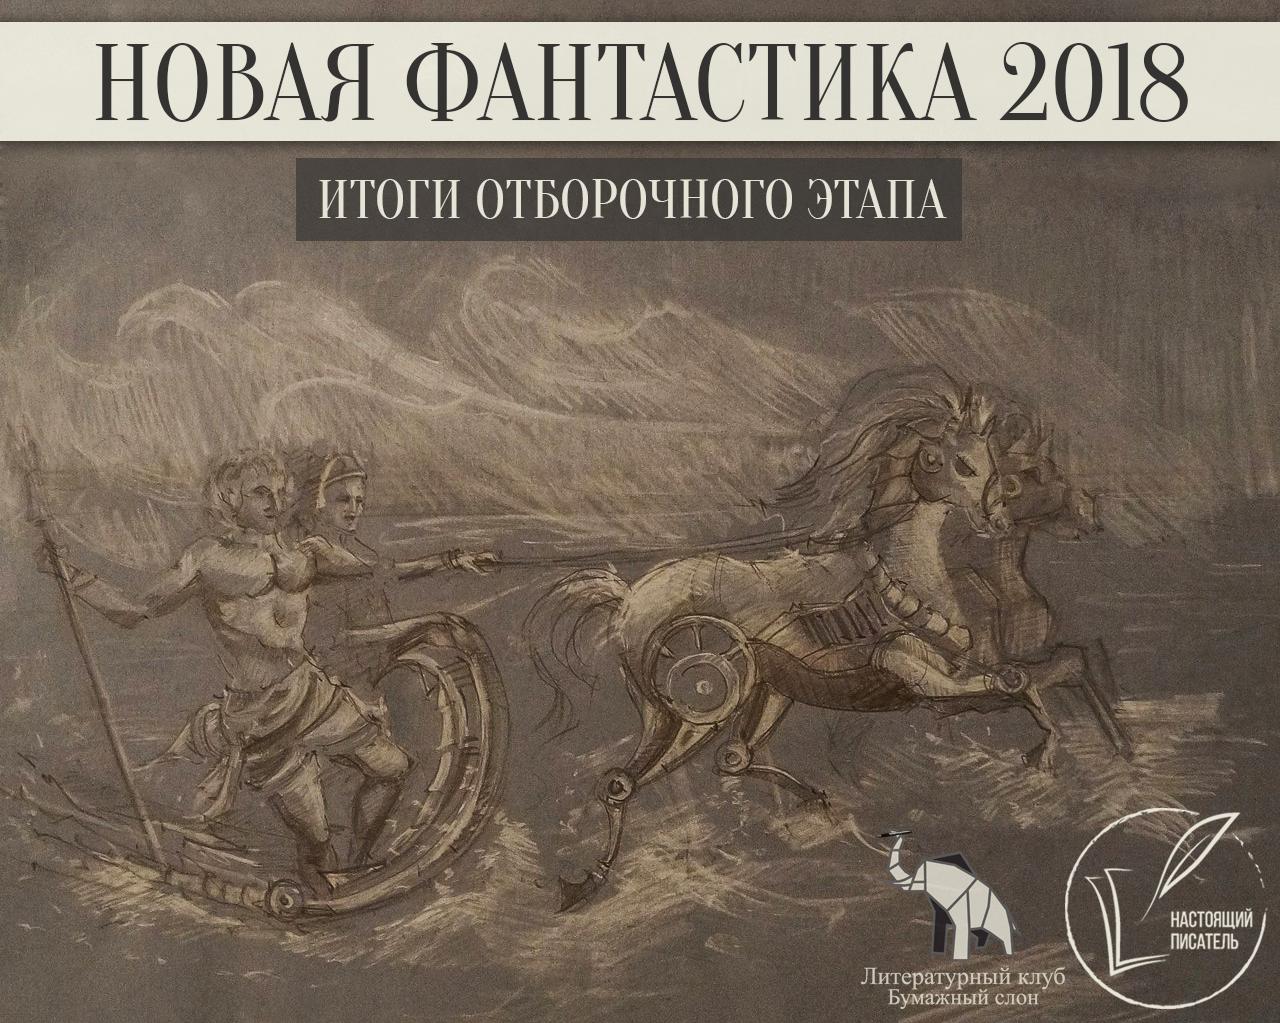 Итоги отборочного этапа «Новая Фантастика 2018»